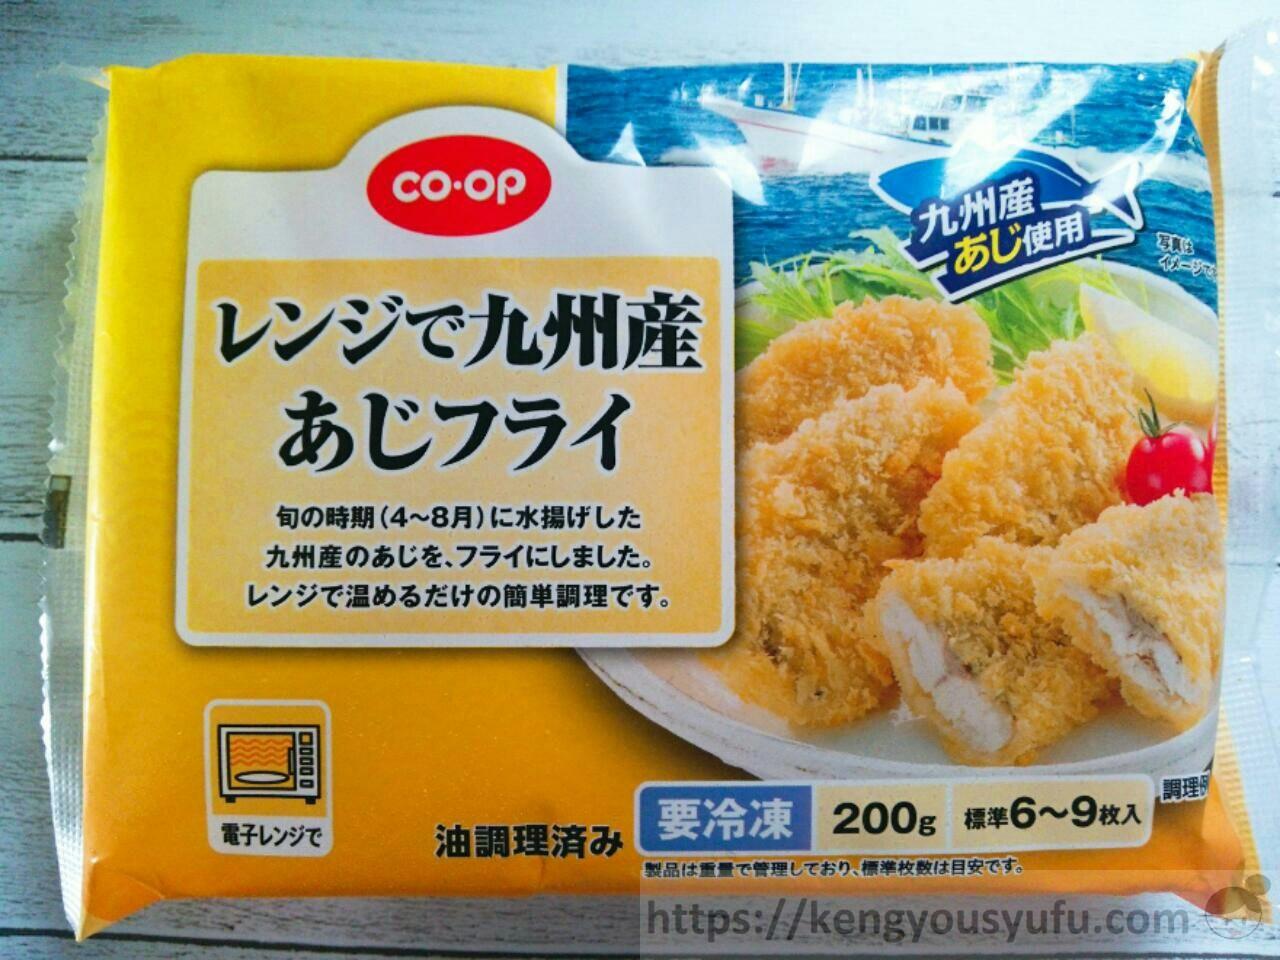 コープ「レンジで九州産アジフライ」トースターで焼いた方がうまい